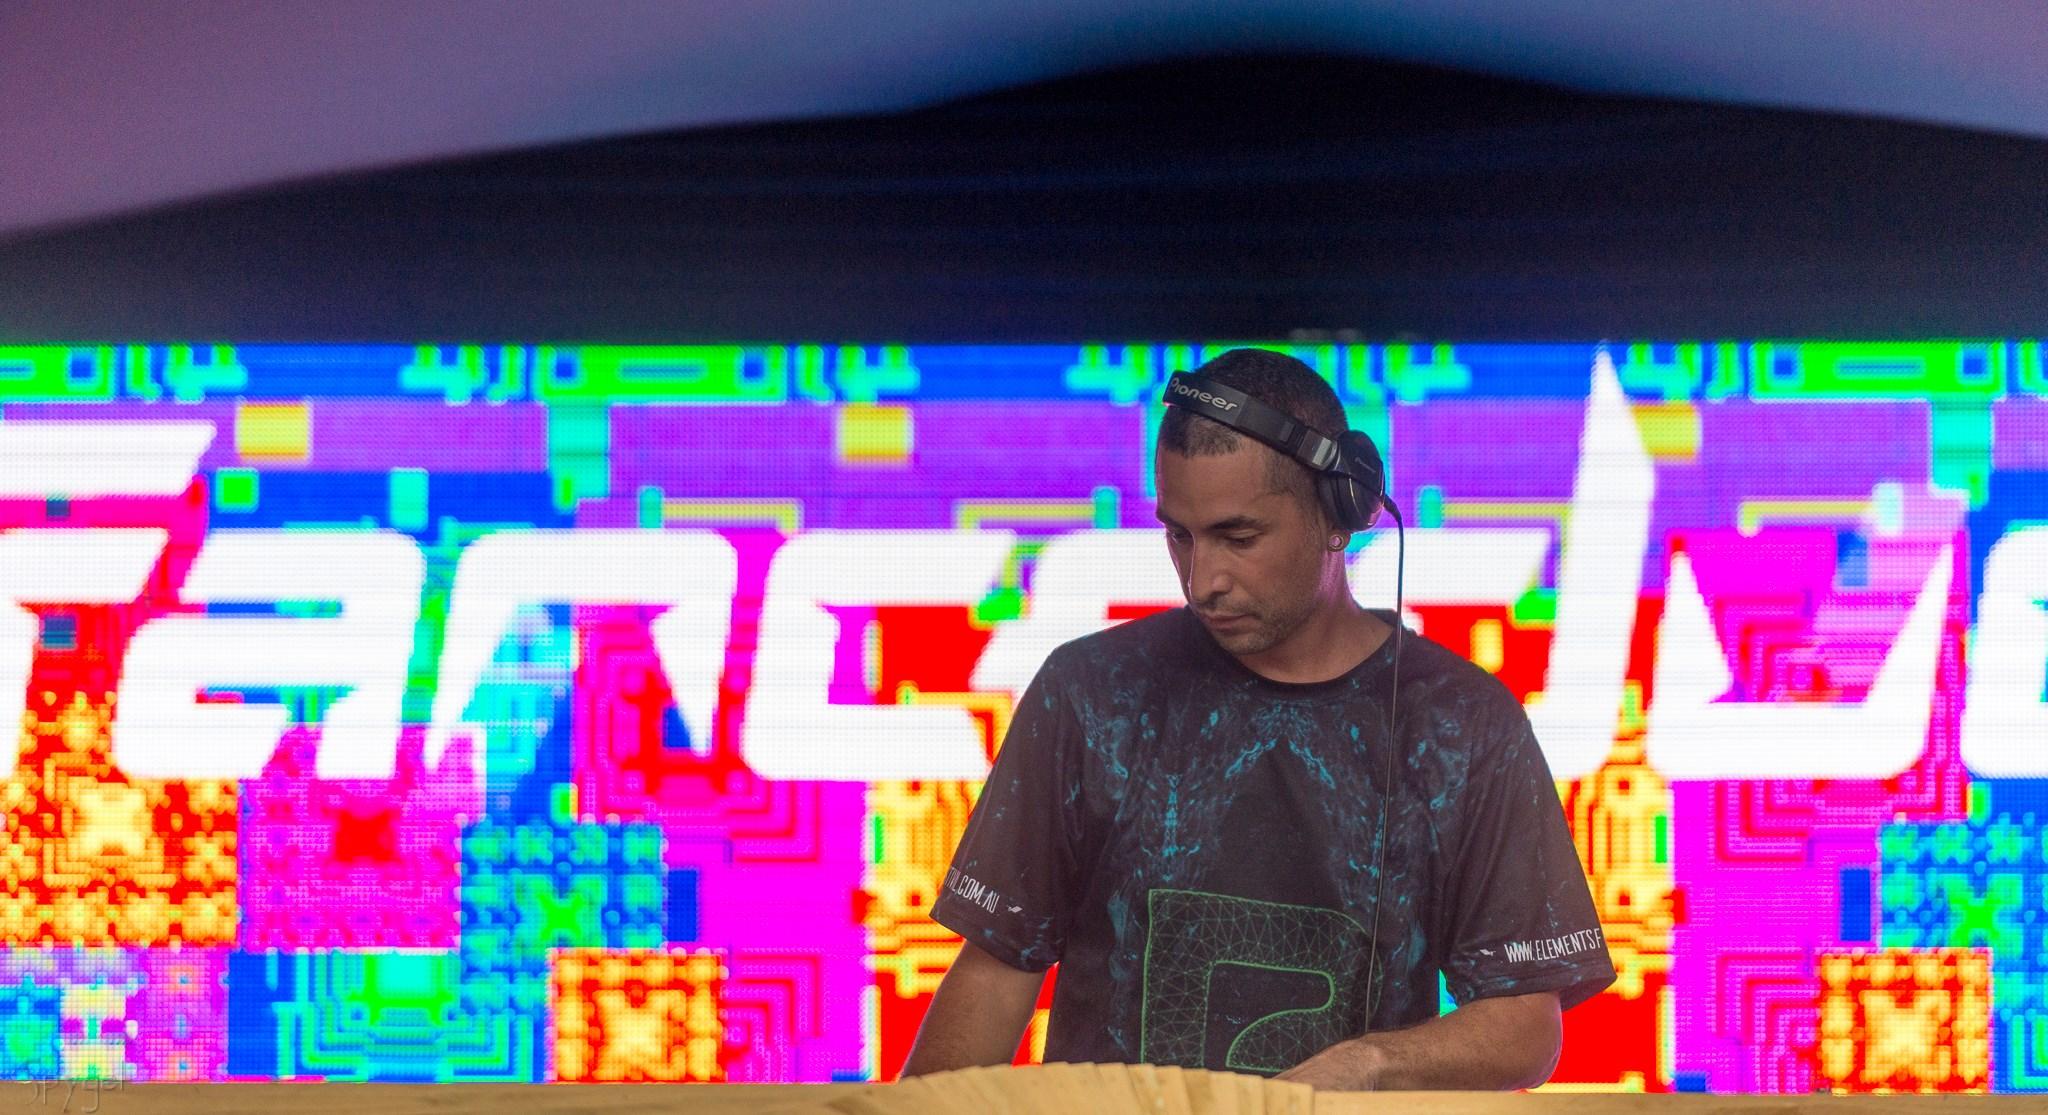 Tranceducer Spygel @ EFF2018.jpg